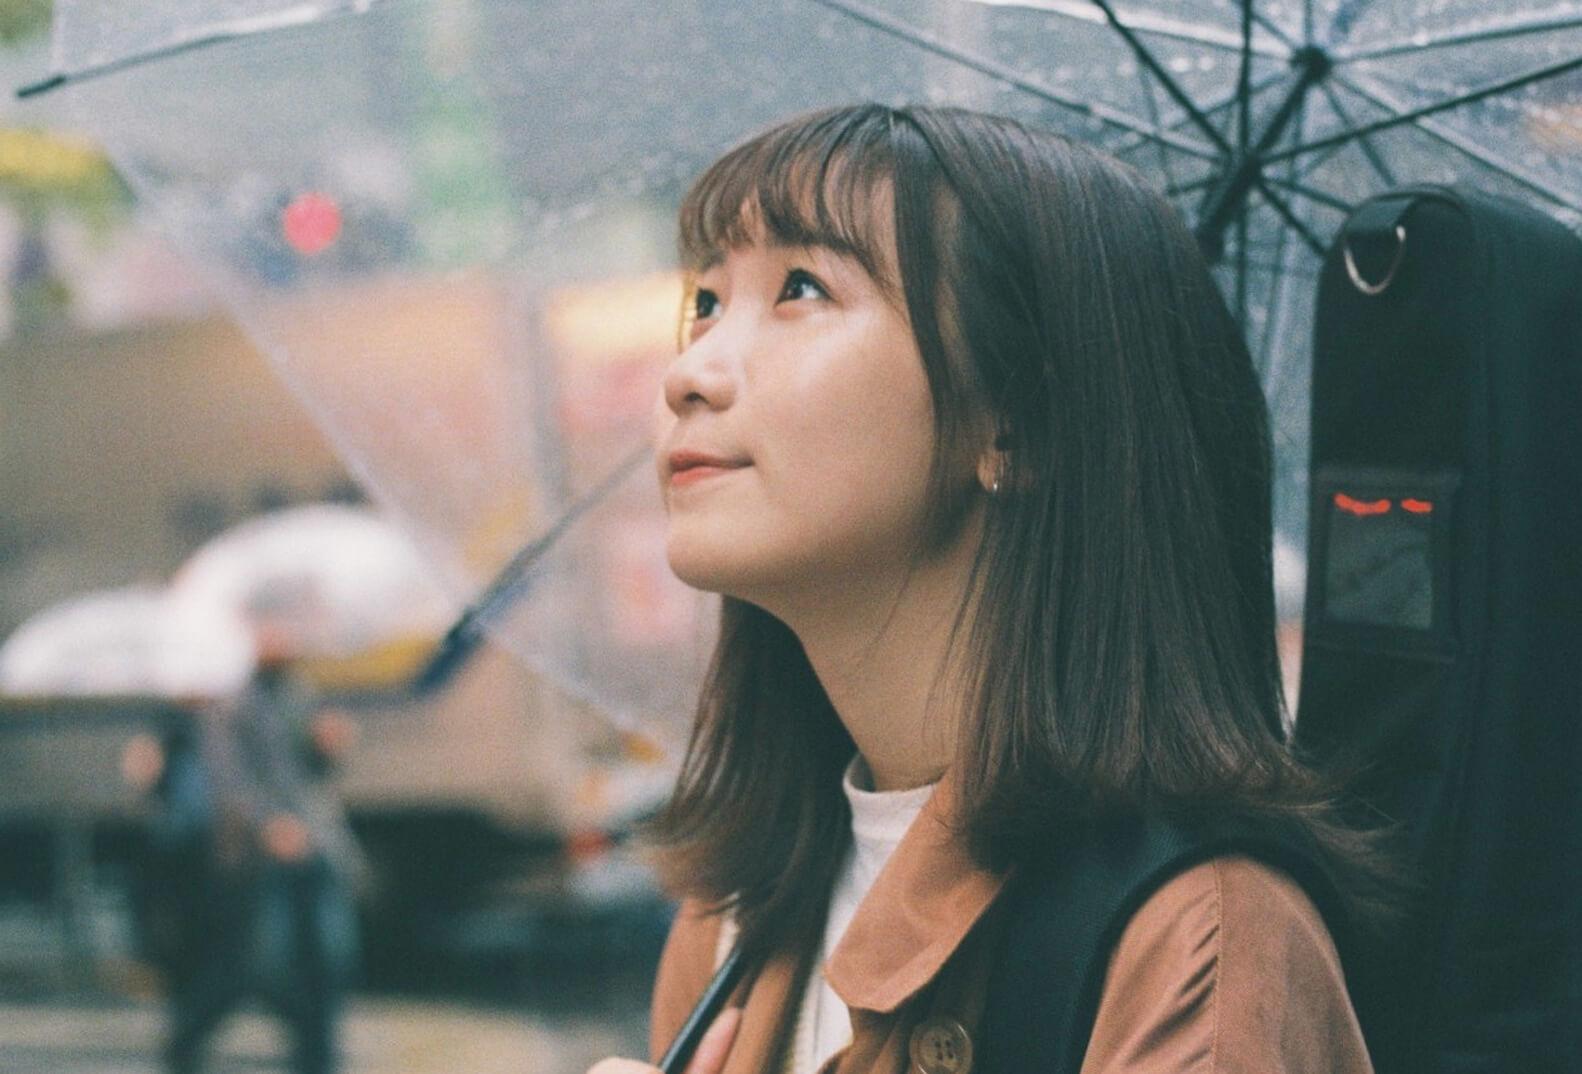 幾田りら、2nd mini album「Jukebox」全国流通スタートサムネイル画像